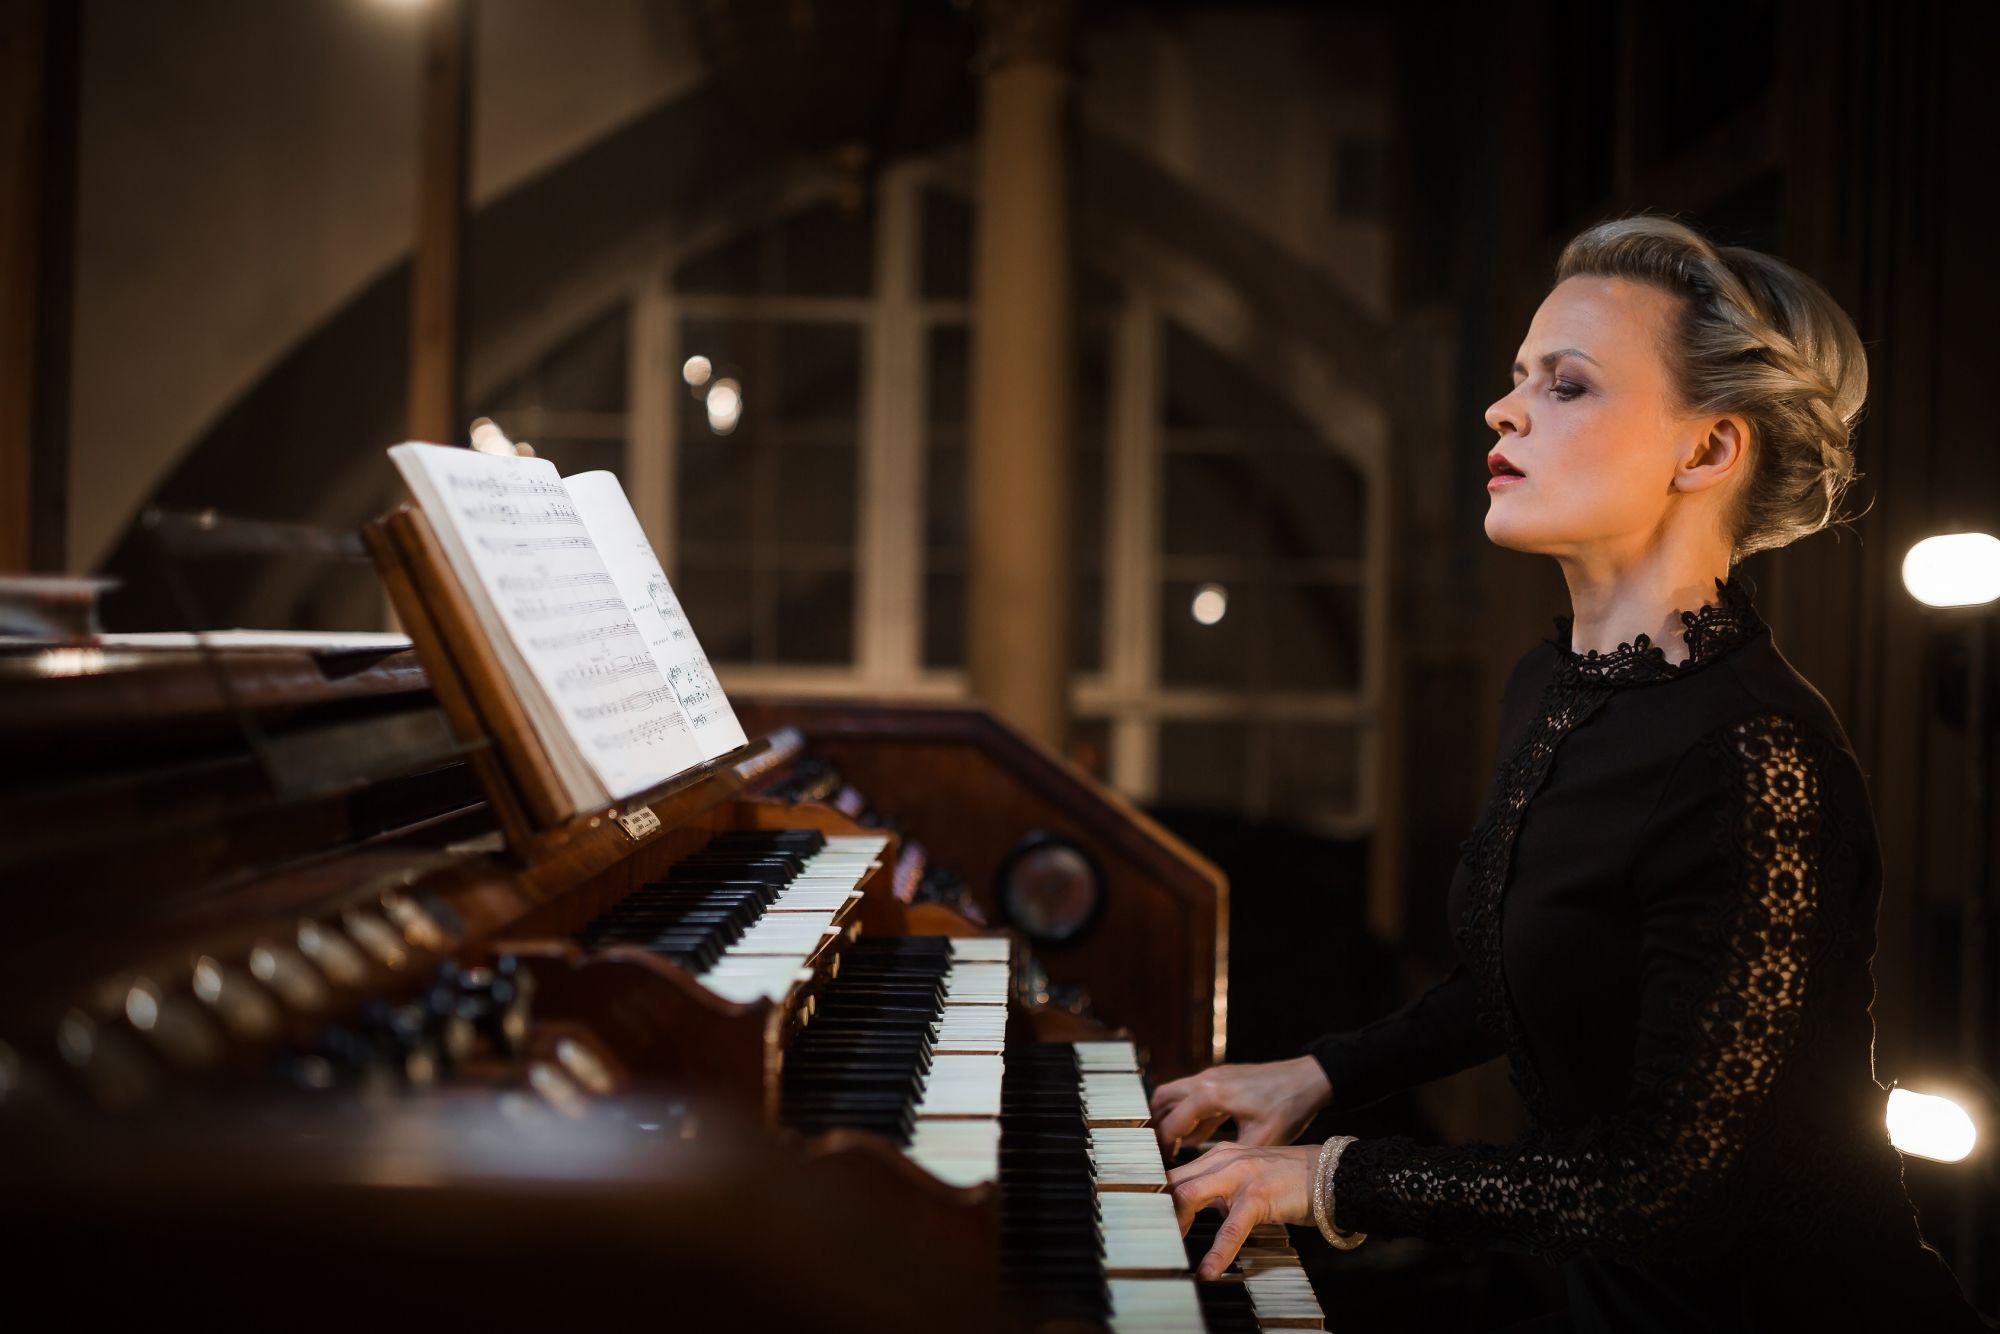 不容錯過的天籟樂音!管風琴天后伊維塔.艾普卡娜獨奏會一月登場